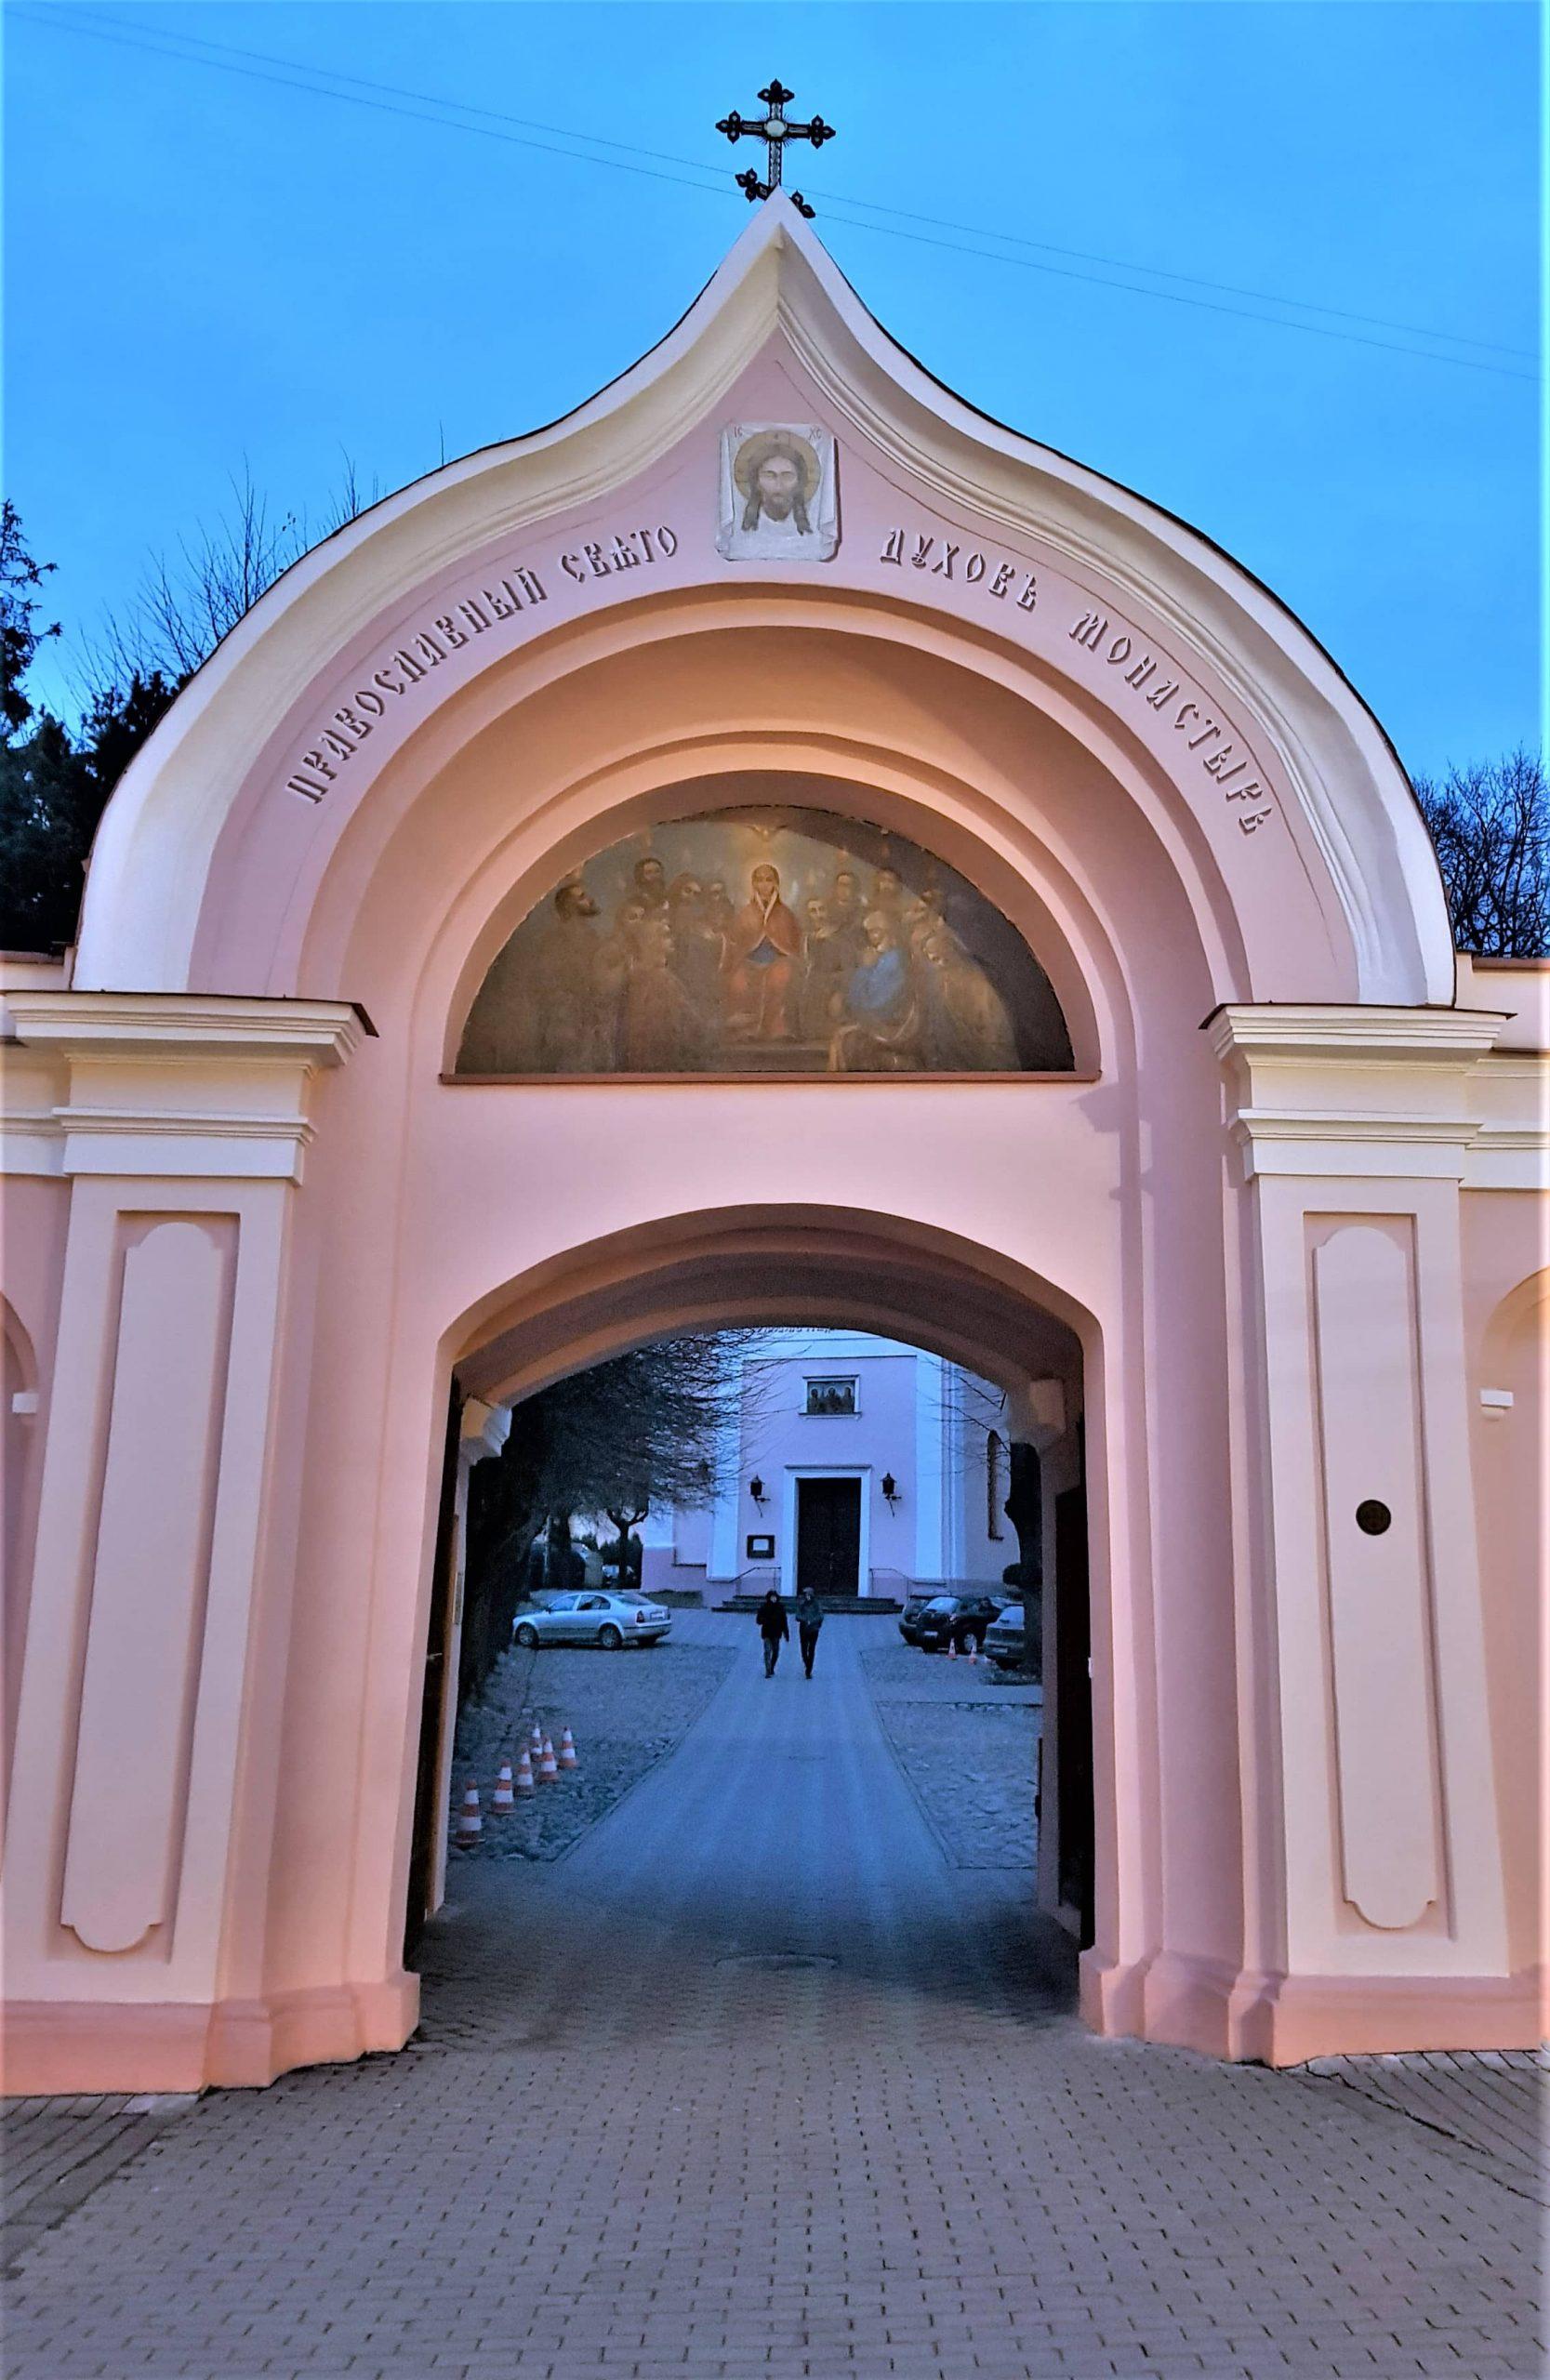 Puerta de entrada a la iglesia rusio ortodoxa del espiritu santo